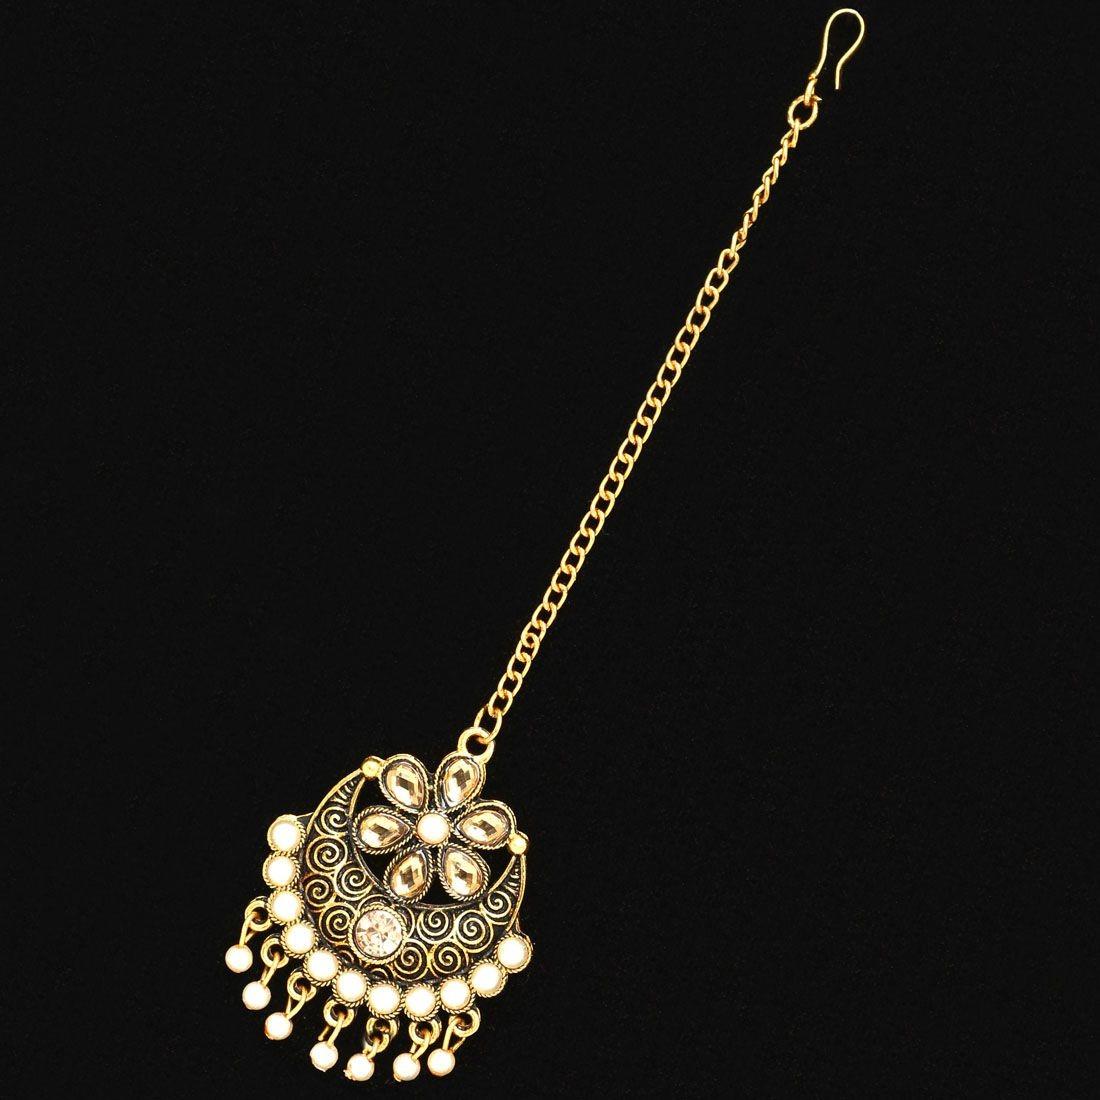 Tikka dorada con perlas